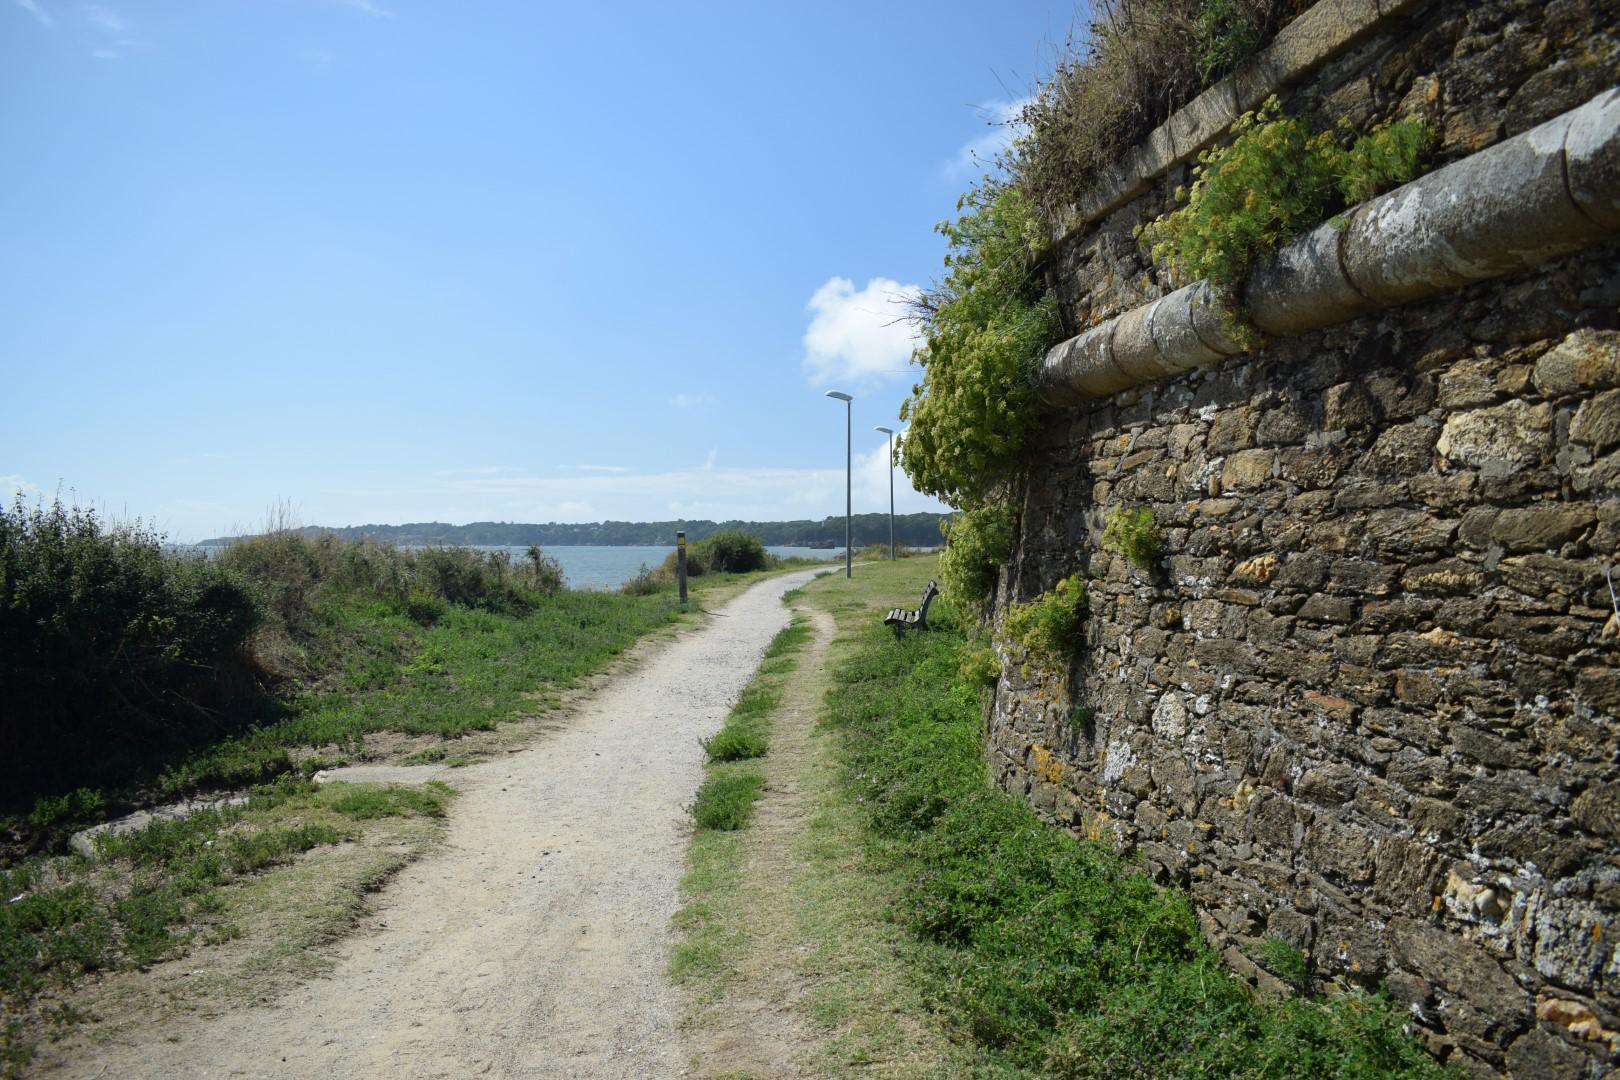 Chemin des douaniers, Saint-Nazaire, August 2020